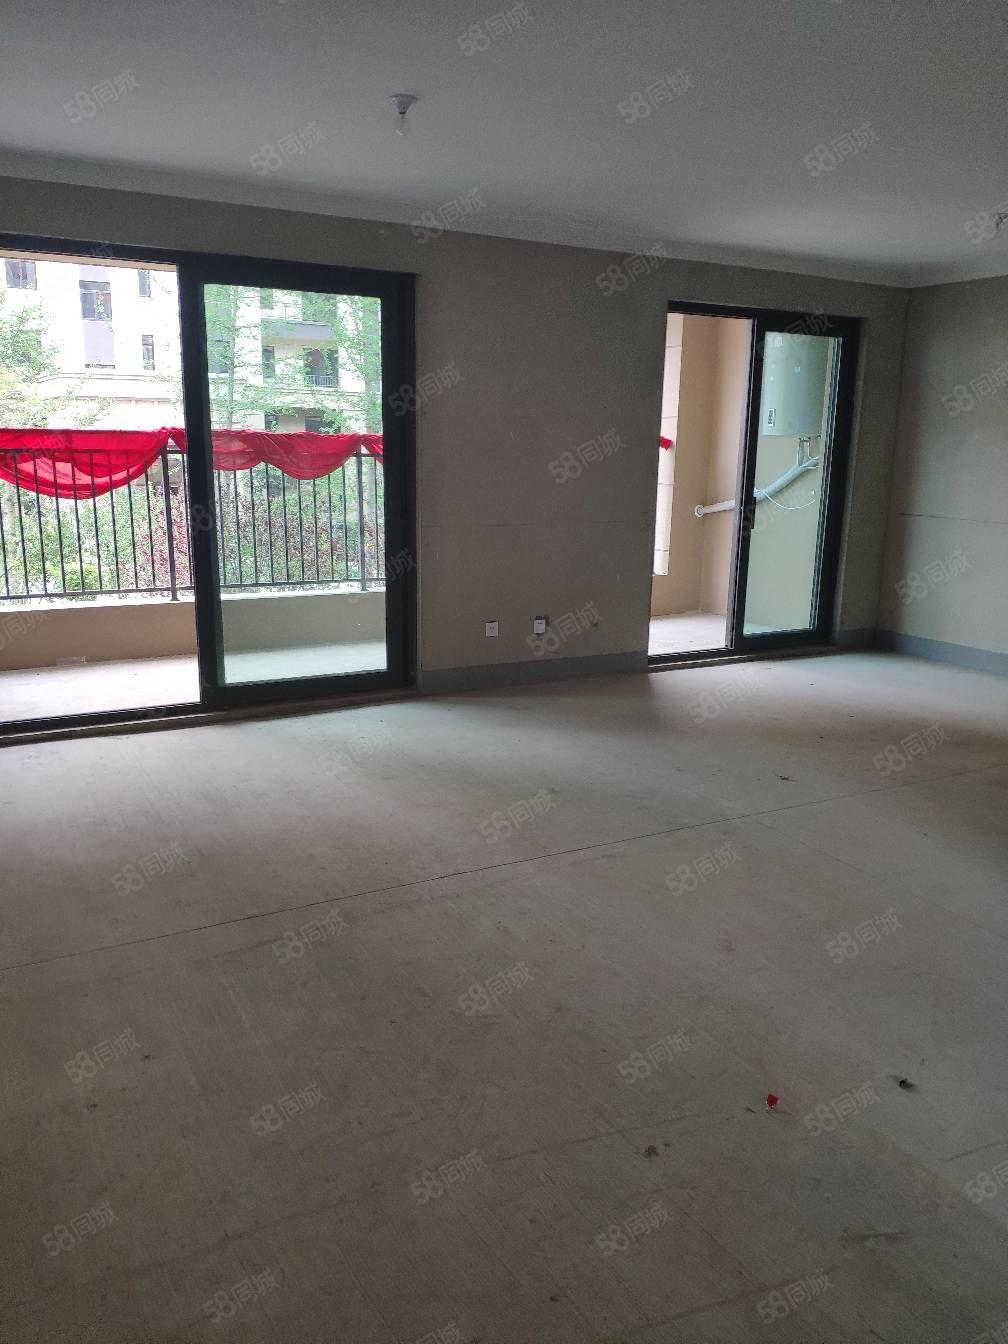 银盛泰博观新城,电梯洋房带产权车位,客厅开间七米二,走一手!